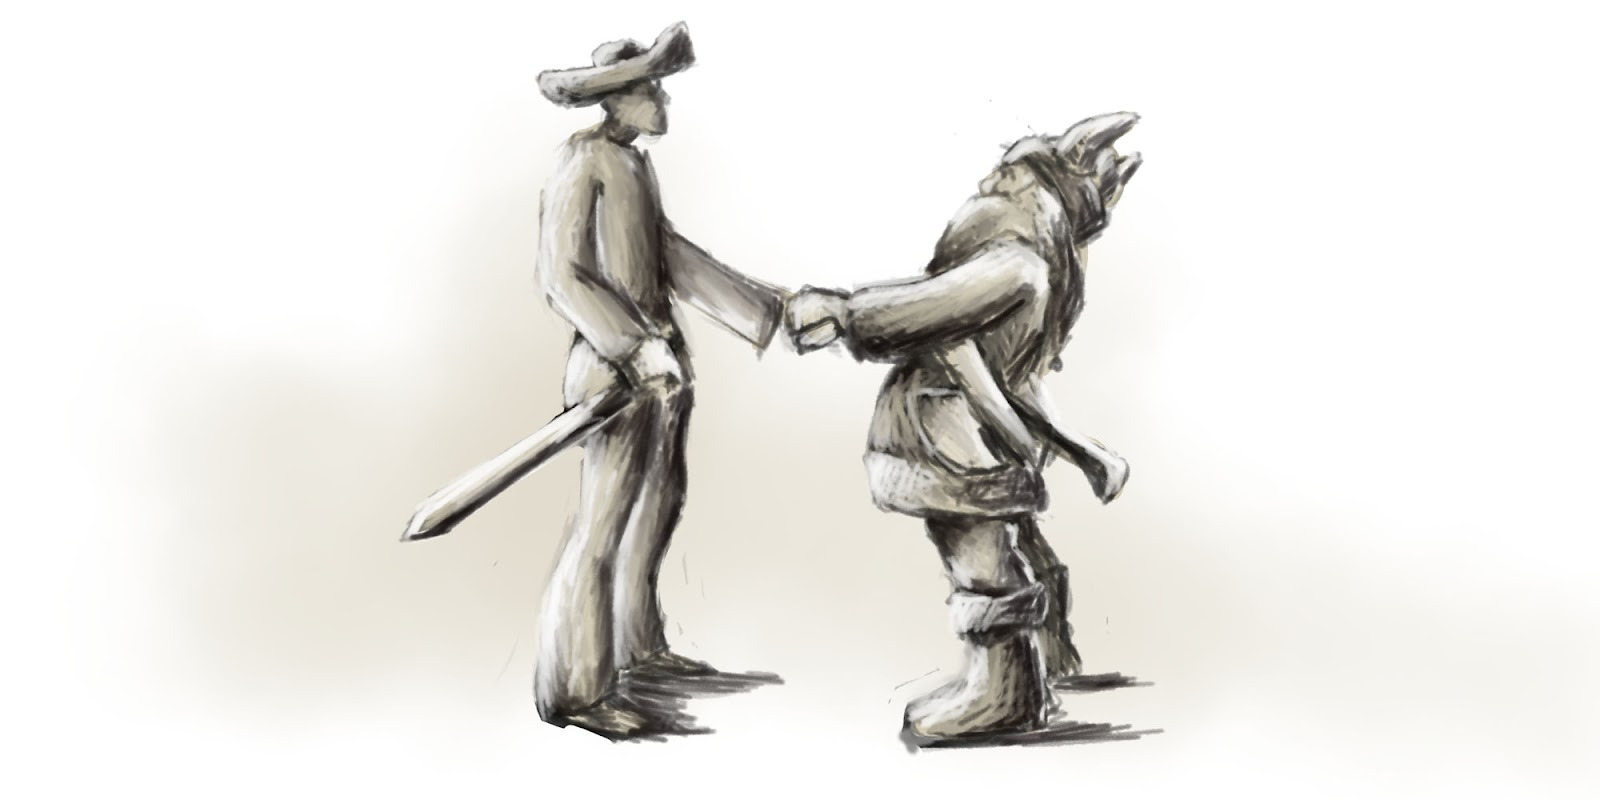 Hrdina stretáva nového priateľa v neznámom kraji.